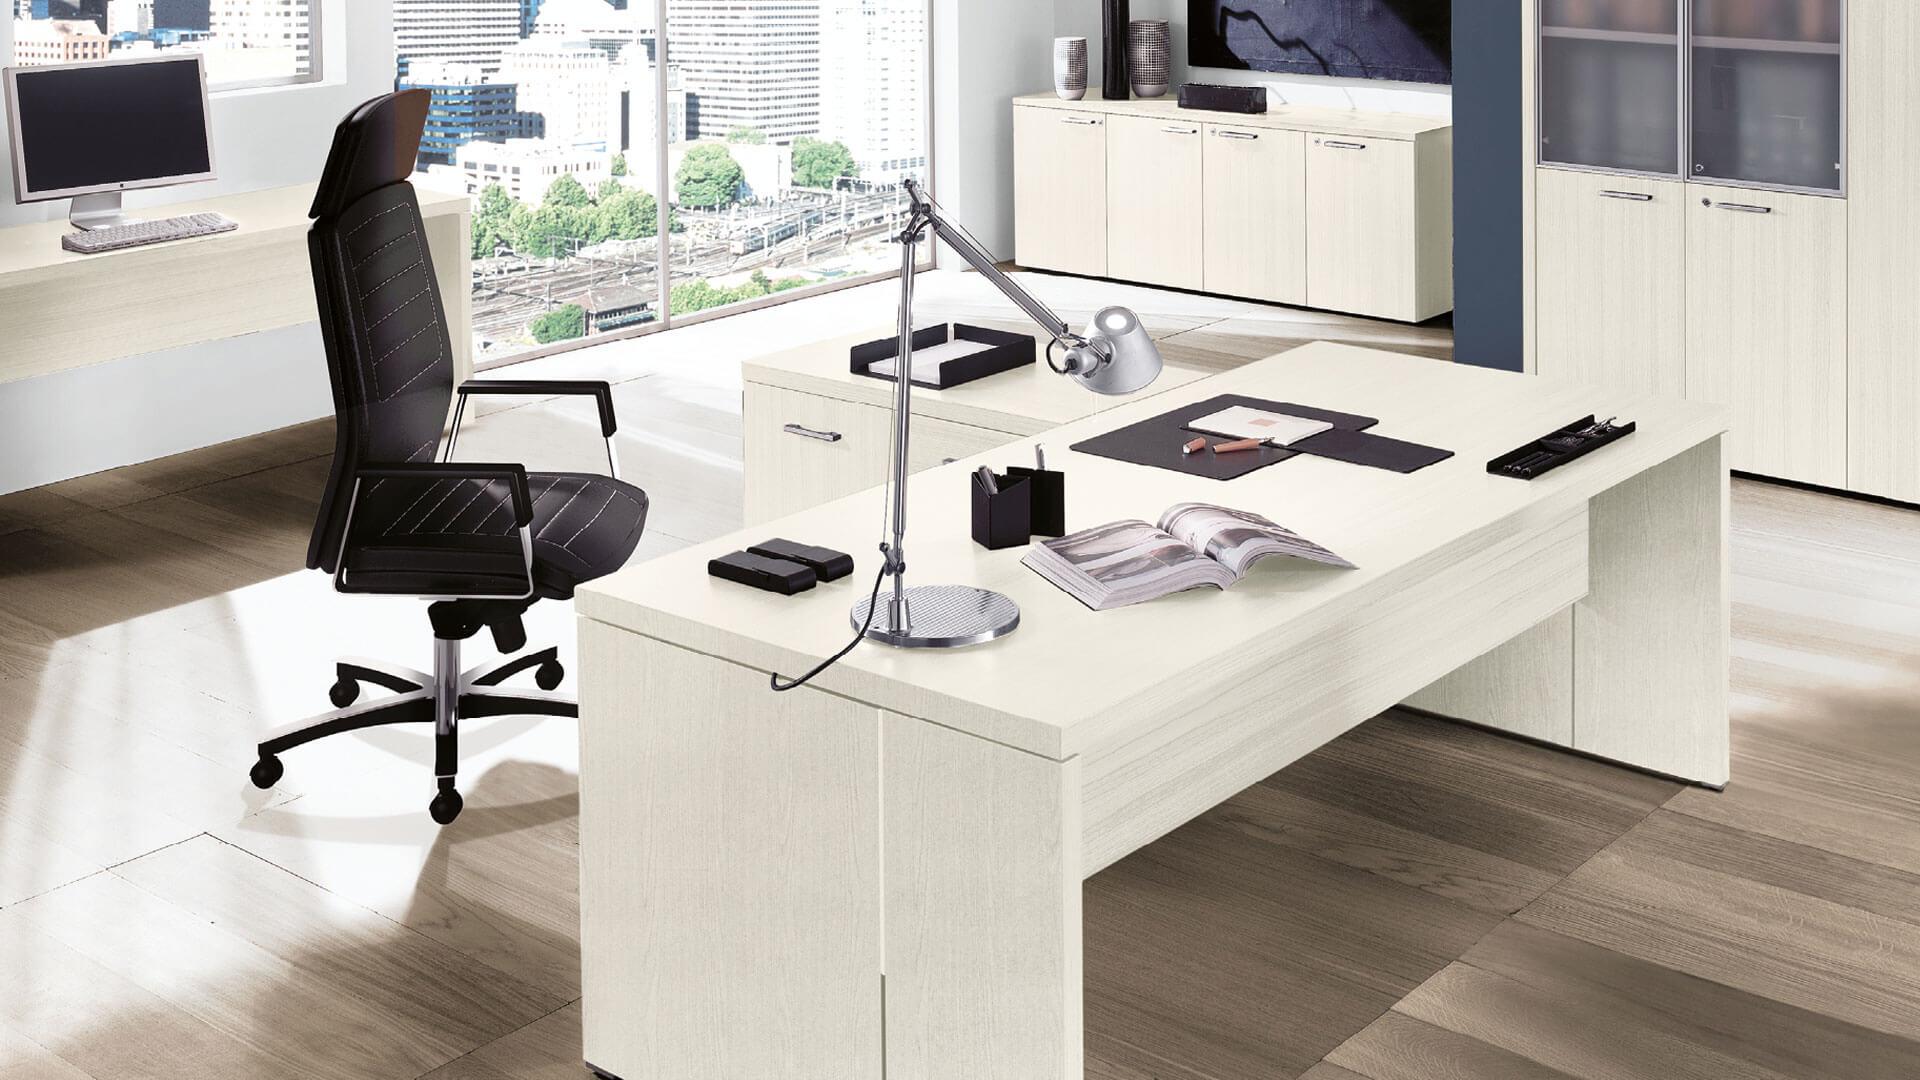 Delta evo mobili per ufficio giannone computers for Mobili di ufficio